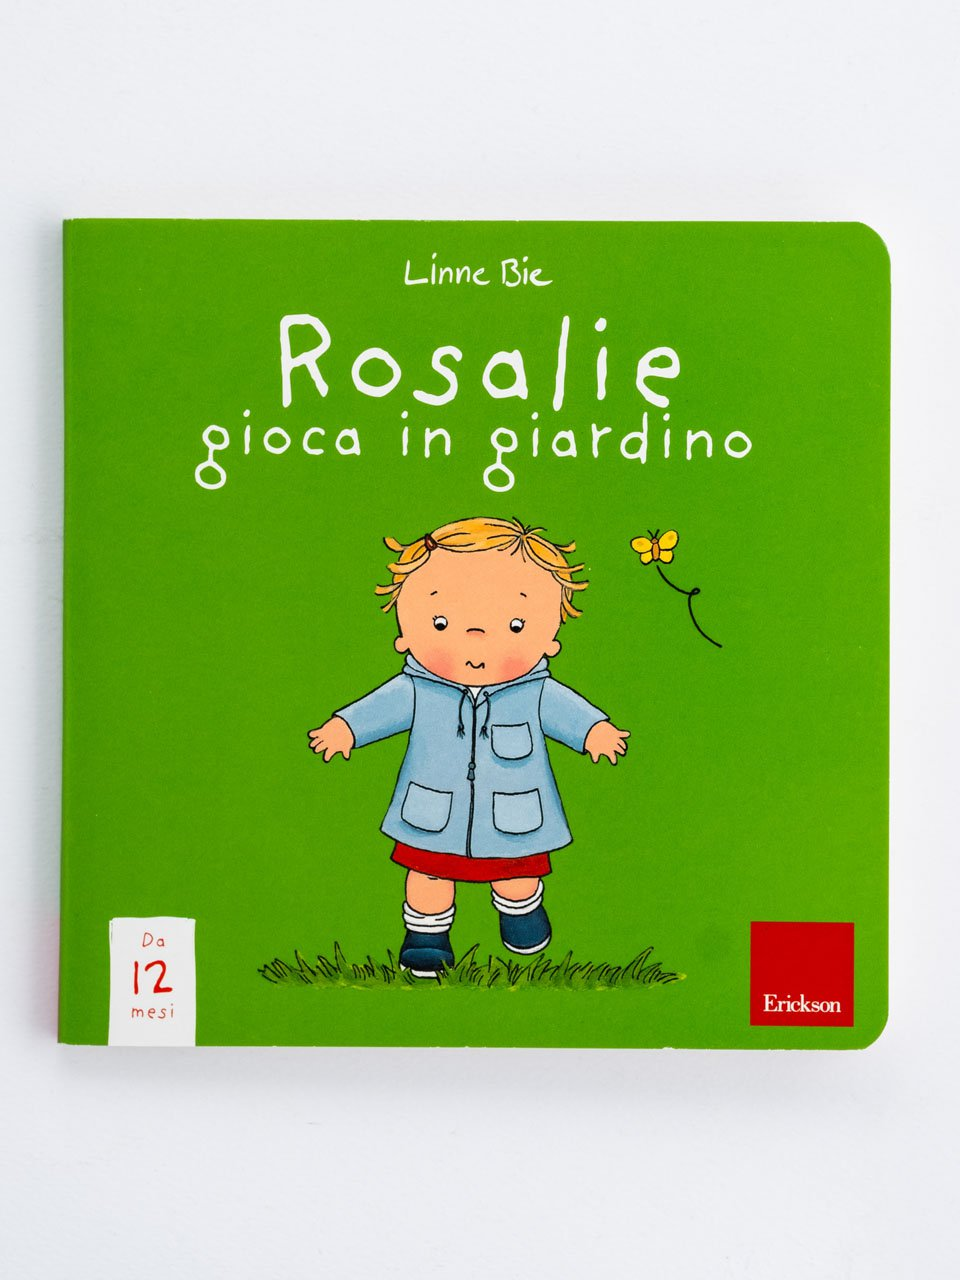 Rosalie gioca in giardino - Prime storie 2 - SCUOLA DELL'INFANZIA - Libri - Erickson